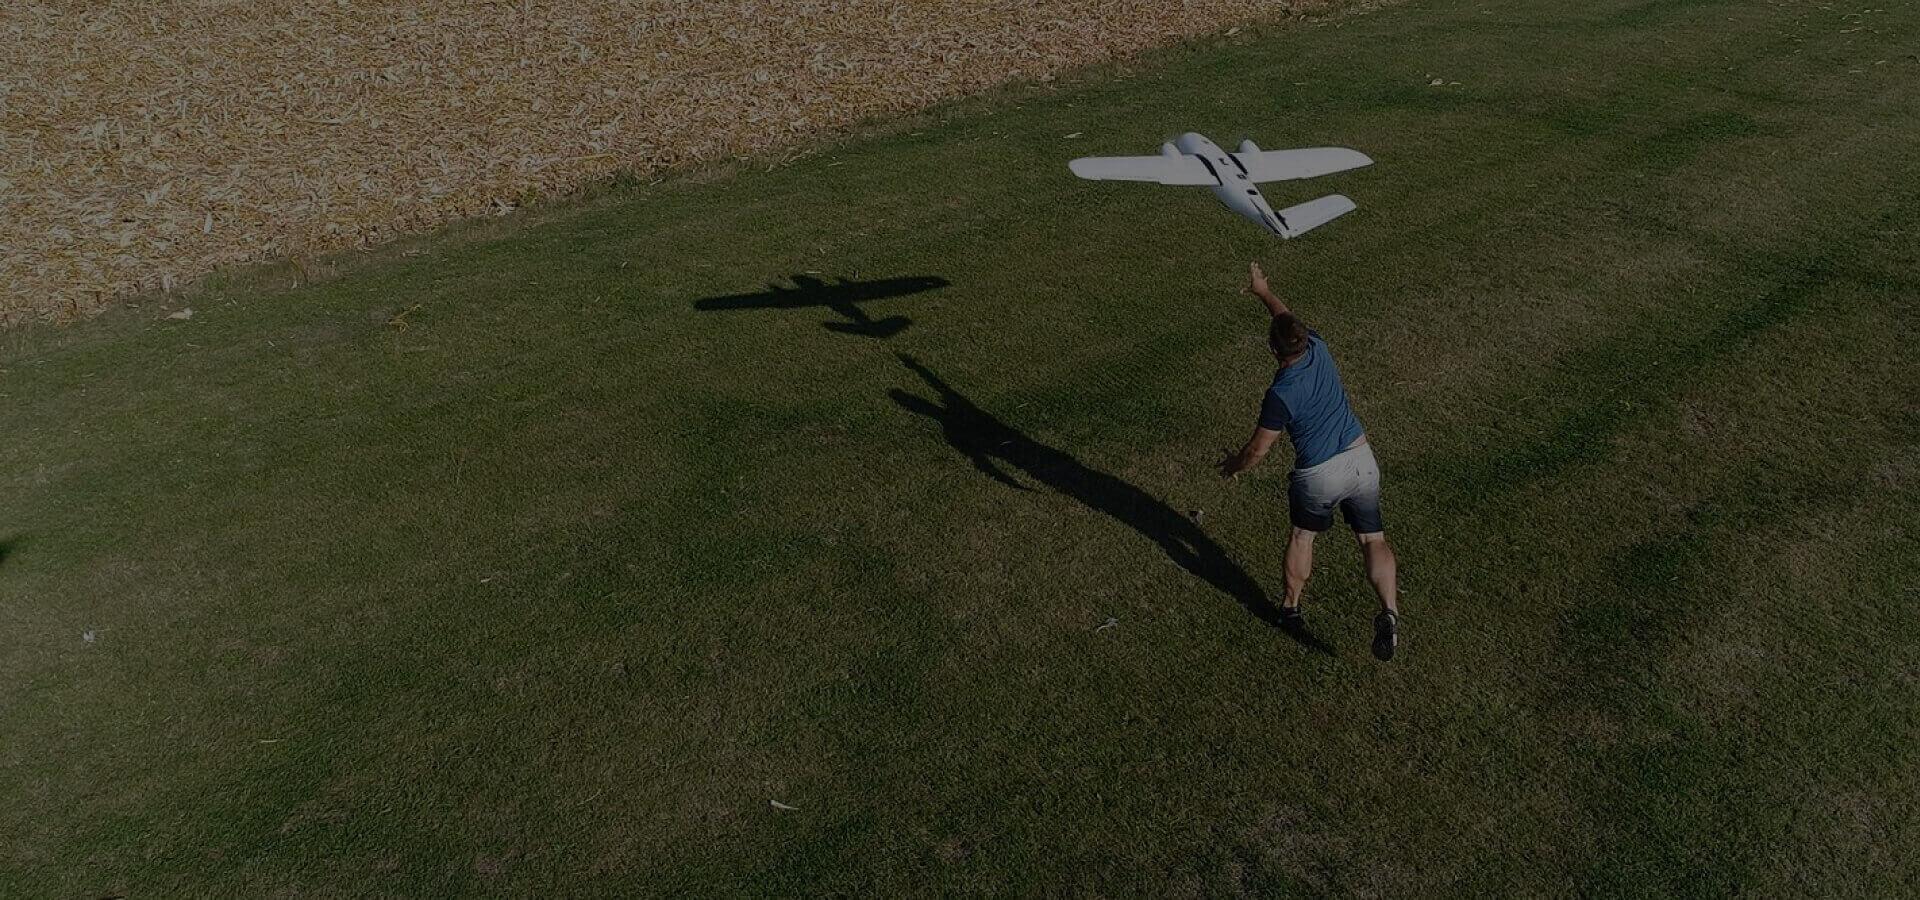 rolnictwo precyzyjne mężczyzna podczas wypuszczania samolotu bezzałogowego bzb uas